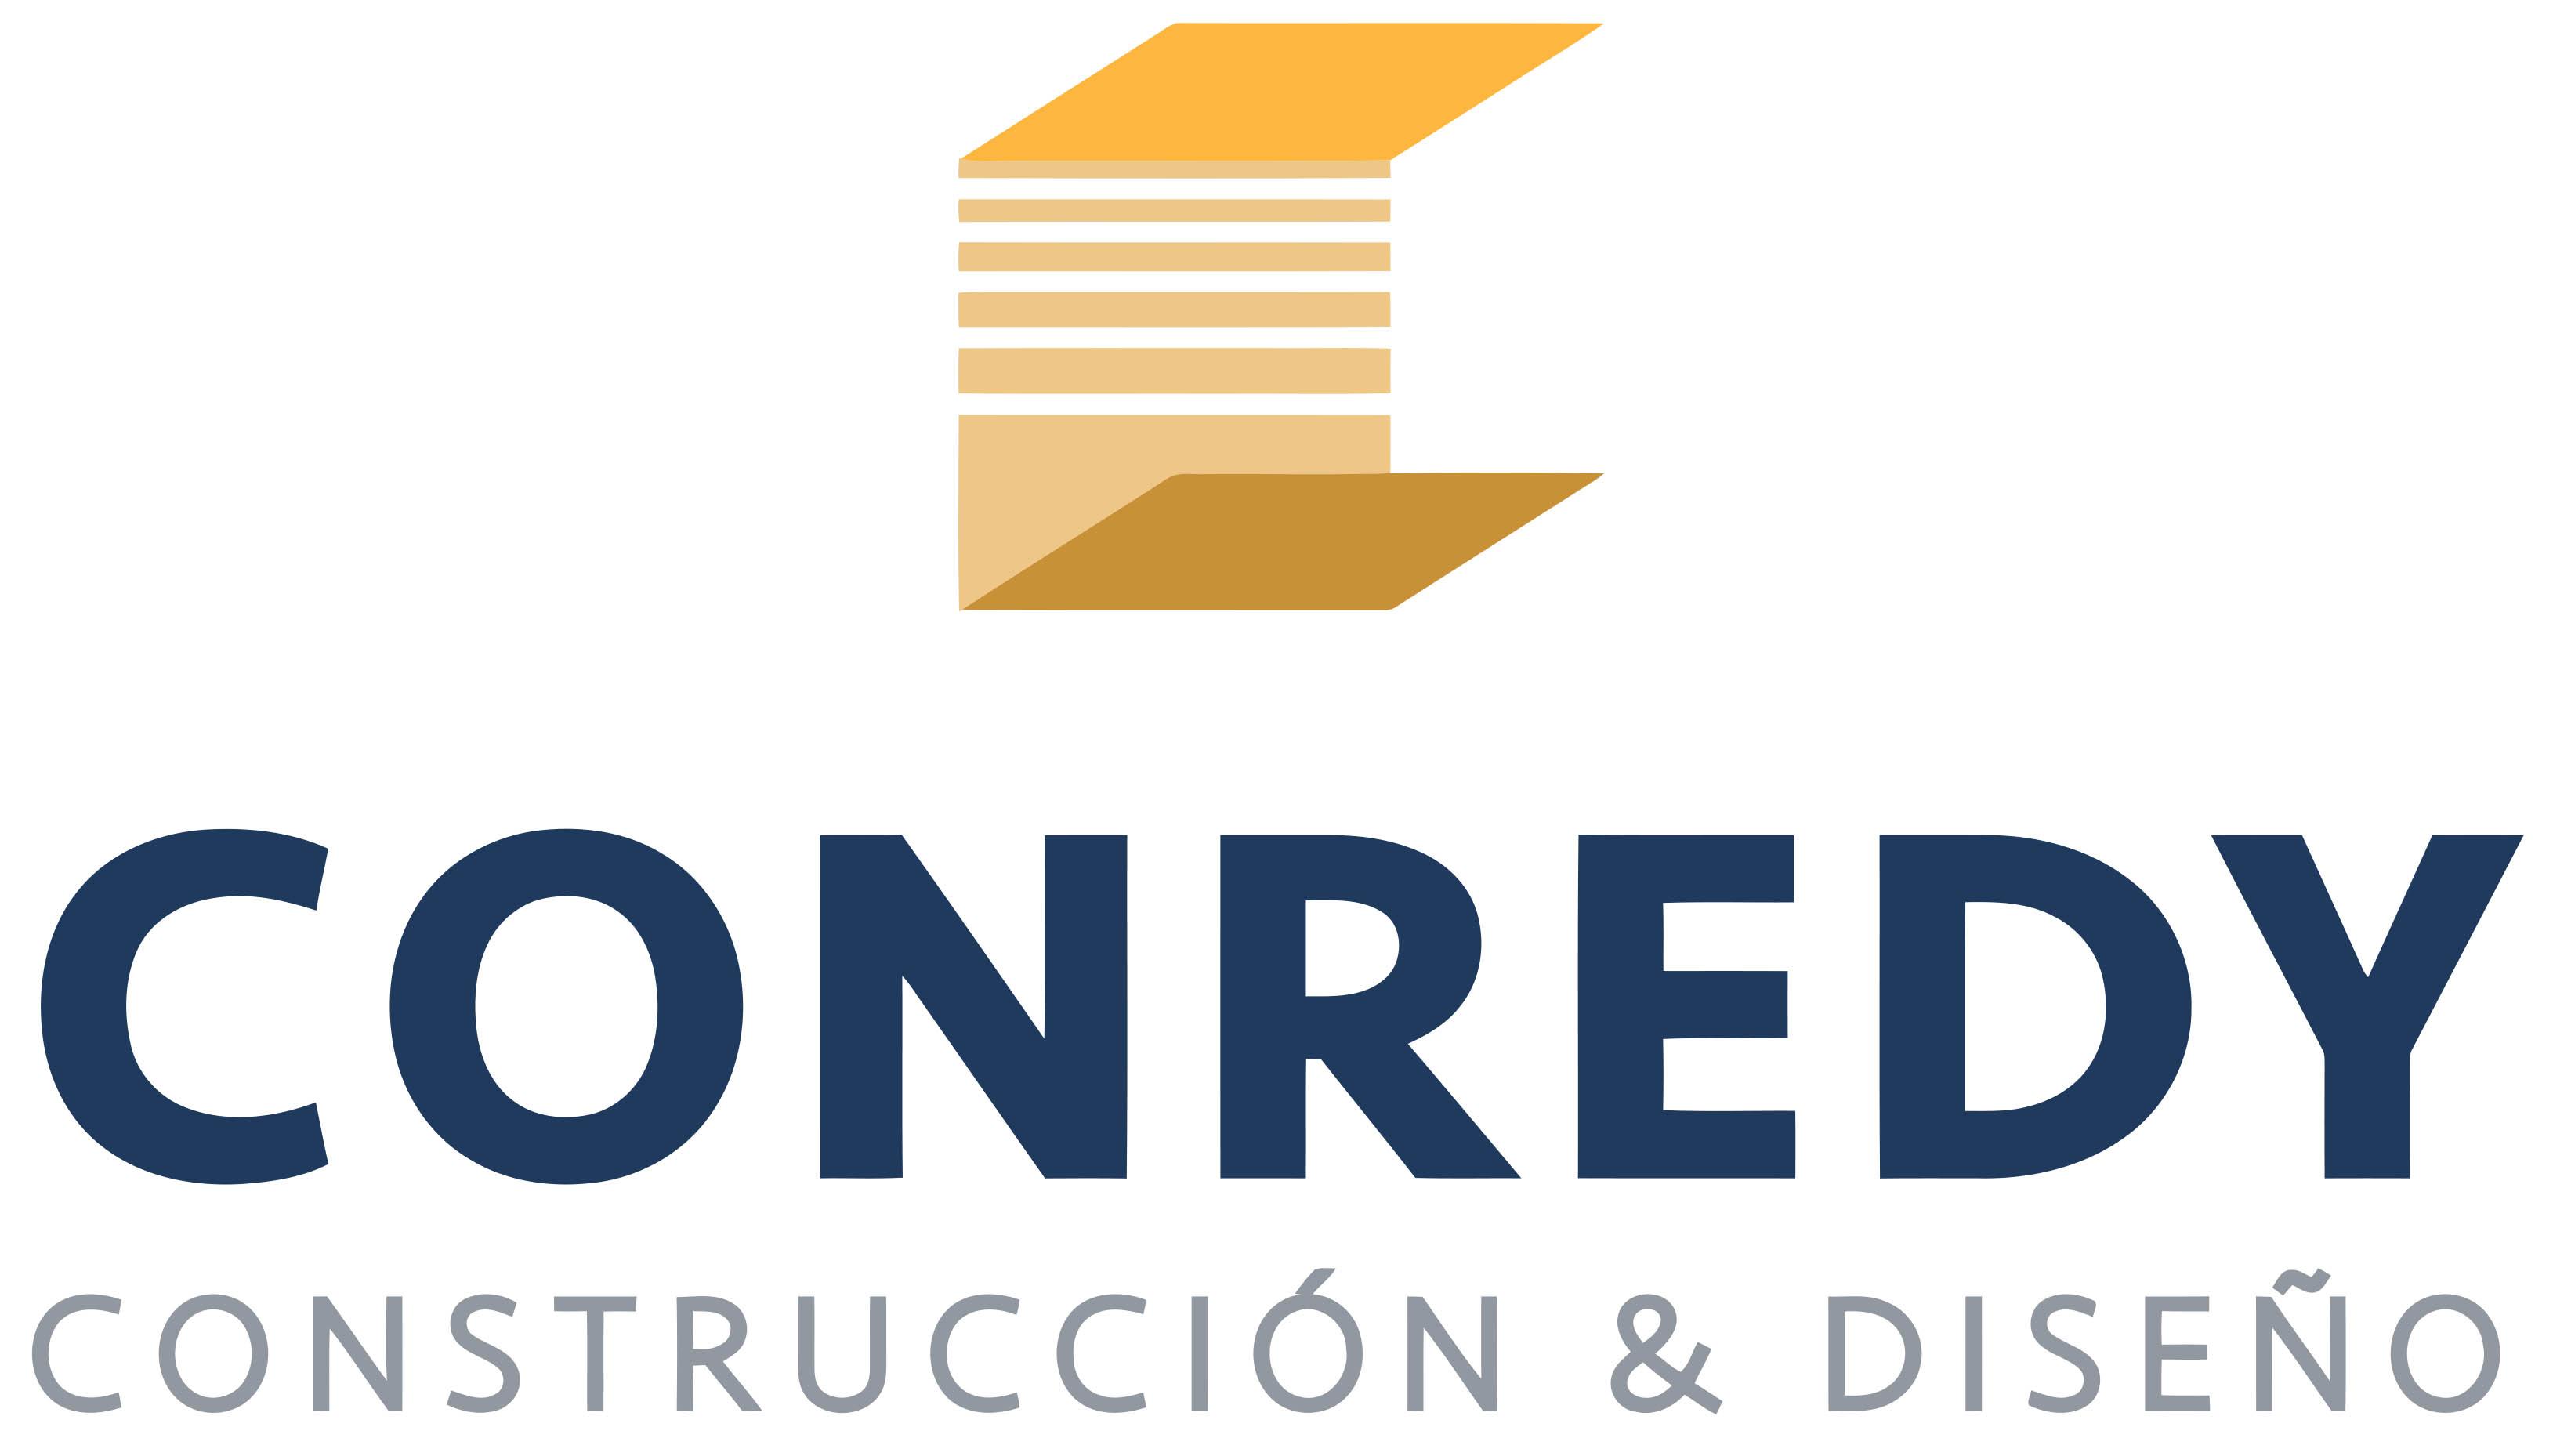 Conredy Constructora en Mérida Yucatán